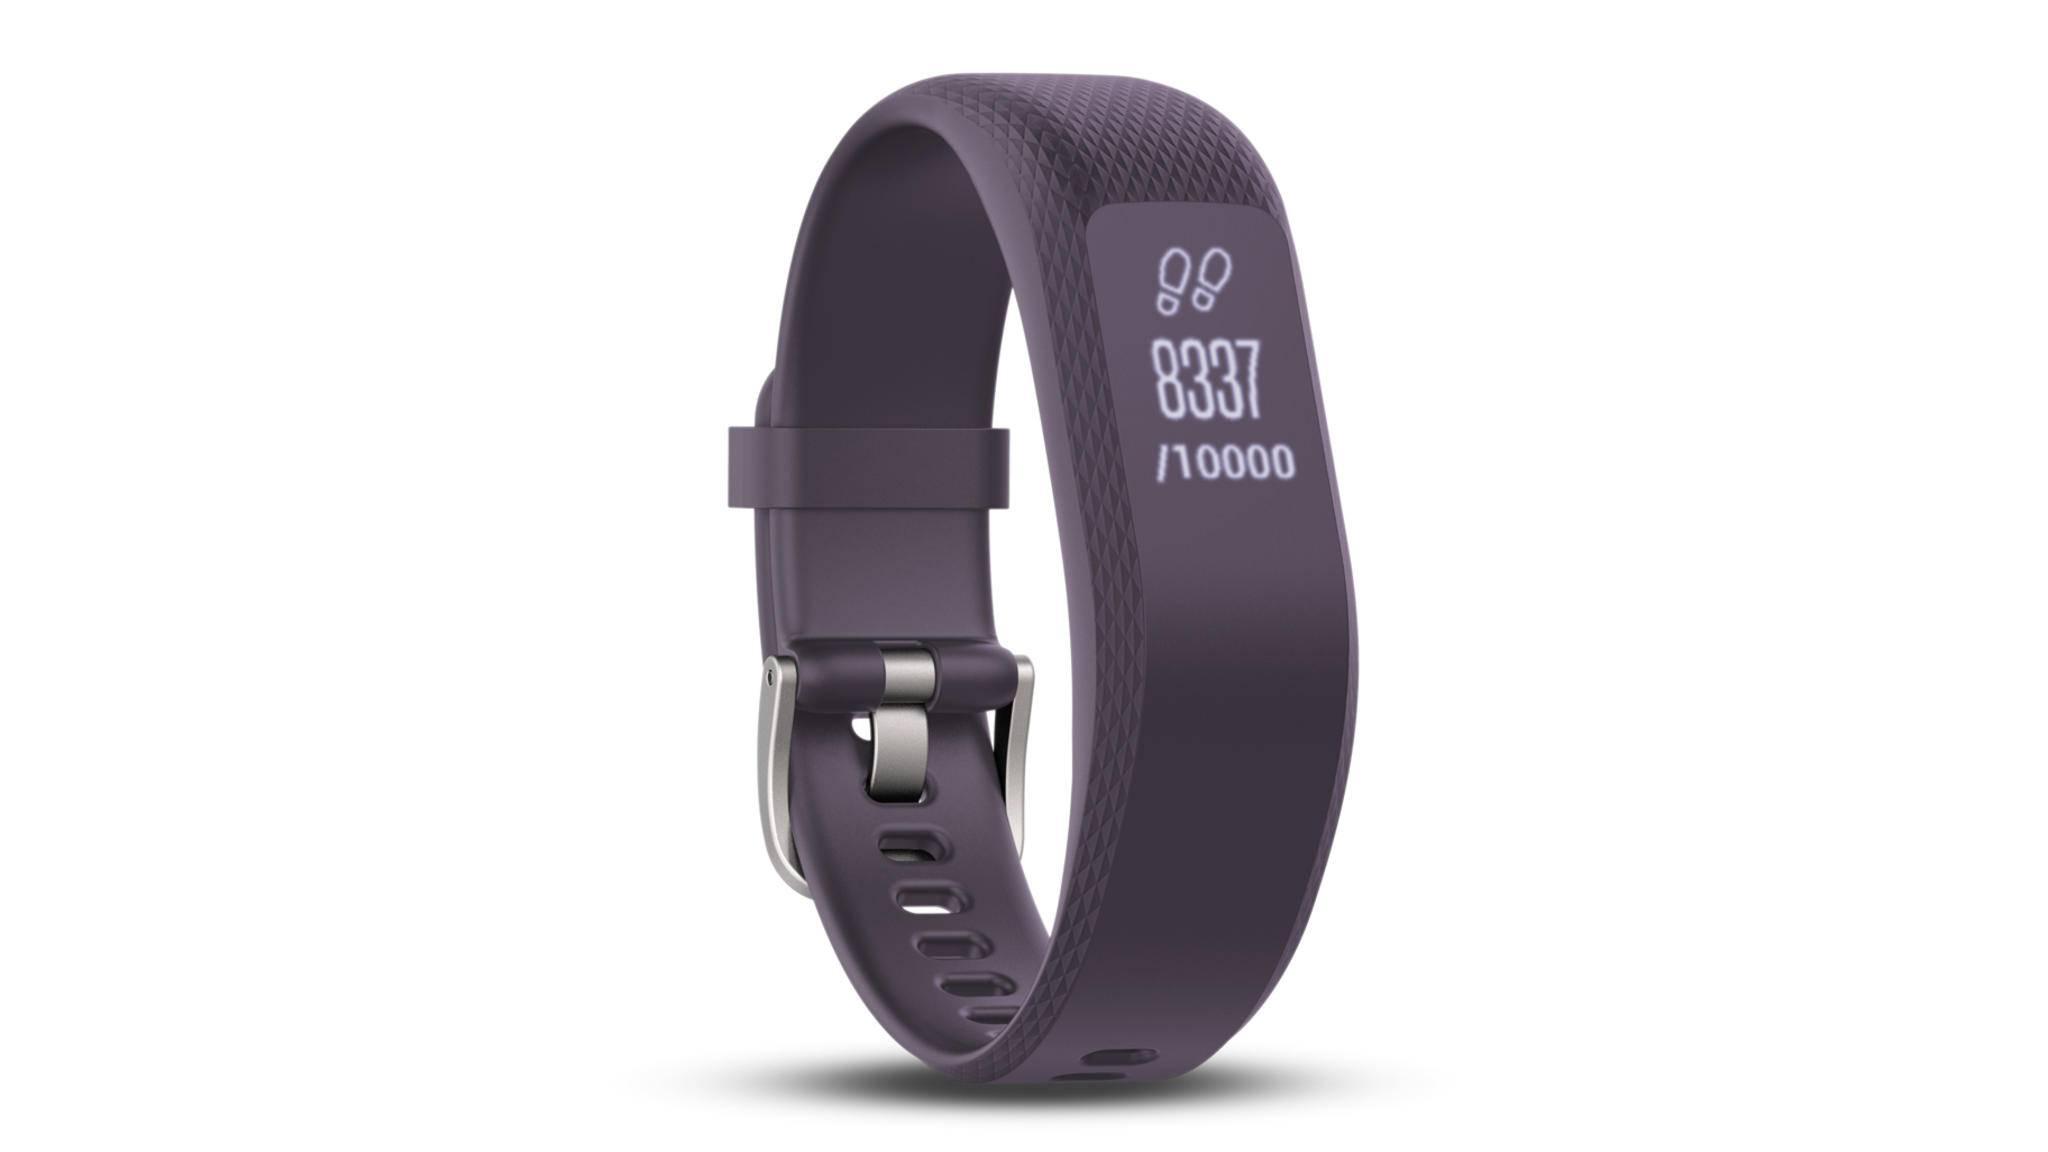 Daten von Fitness-Trackern aus dem Hause Garmin können ab sofort ins Weight-Watchers-Programm integriert werden.